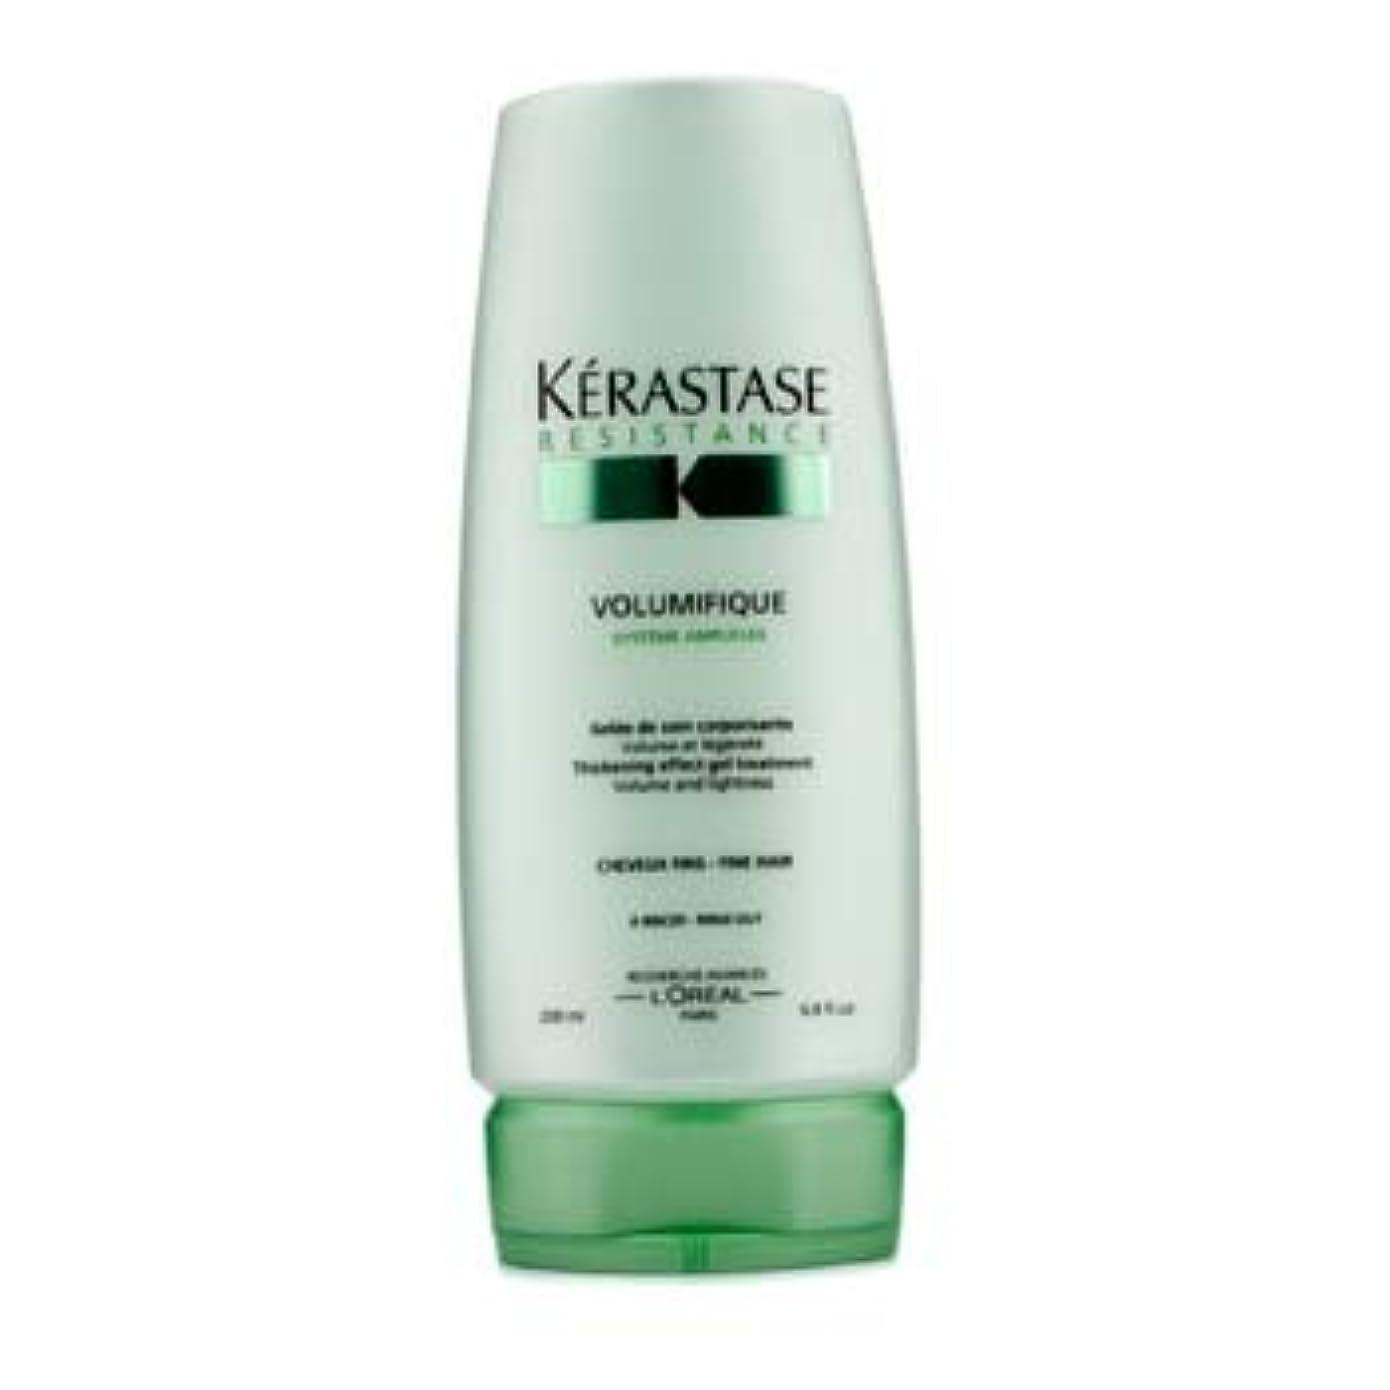 多様な導入する派手ケラスターゼ Resistance Volumifique Thickening Effect Gel Treatment (For Fine Hair) 200ml/6.8oz並行輸入品